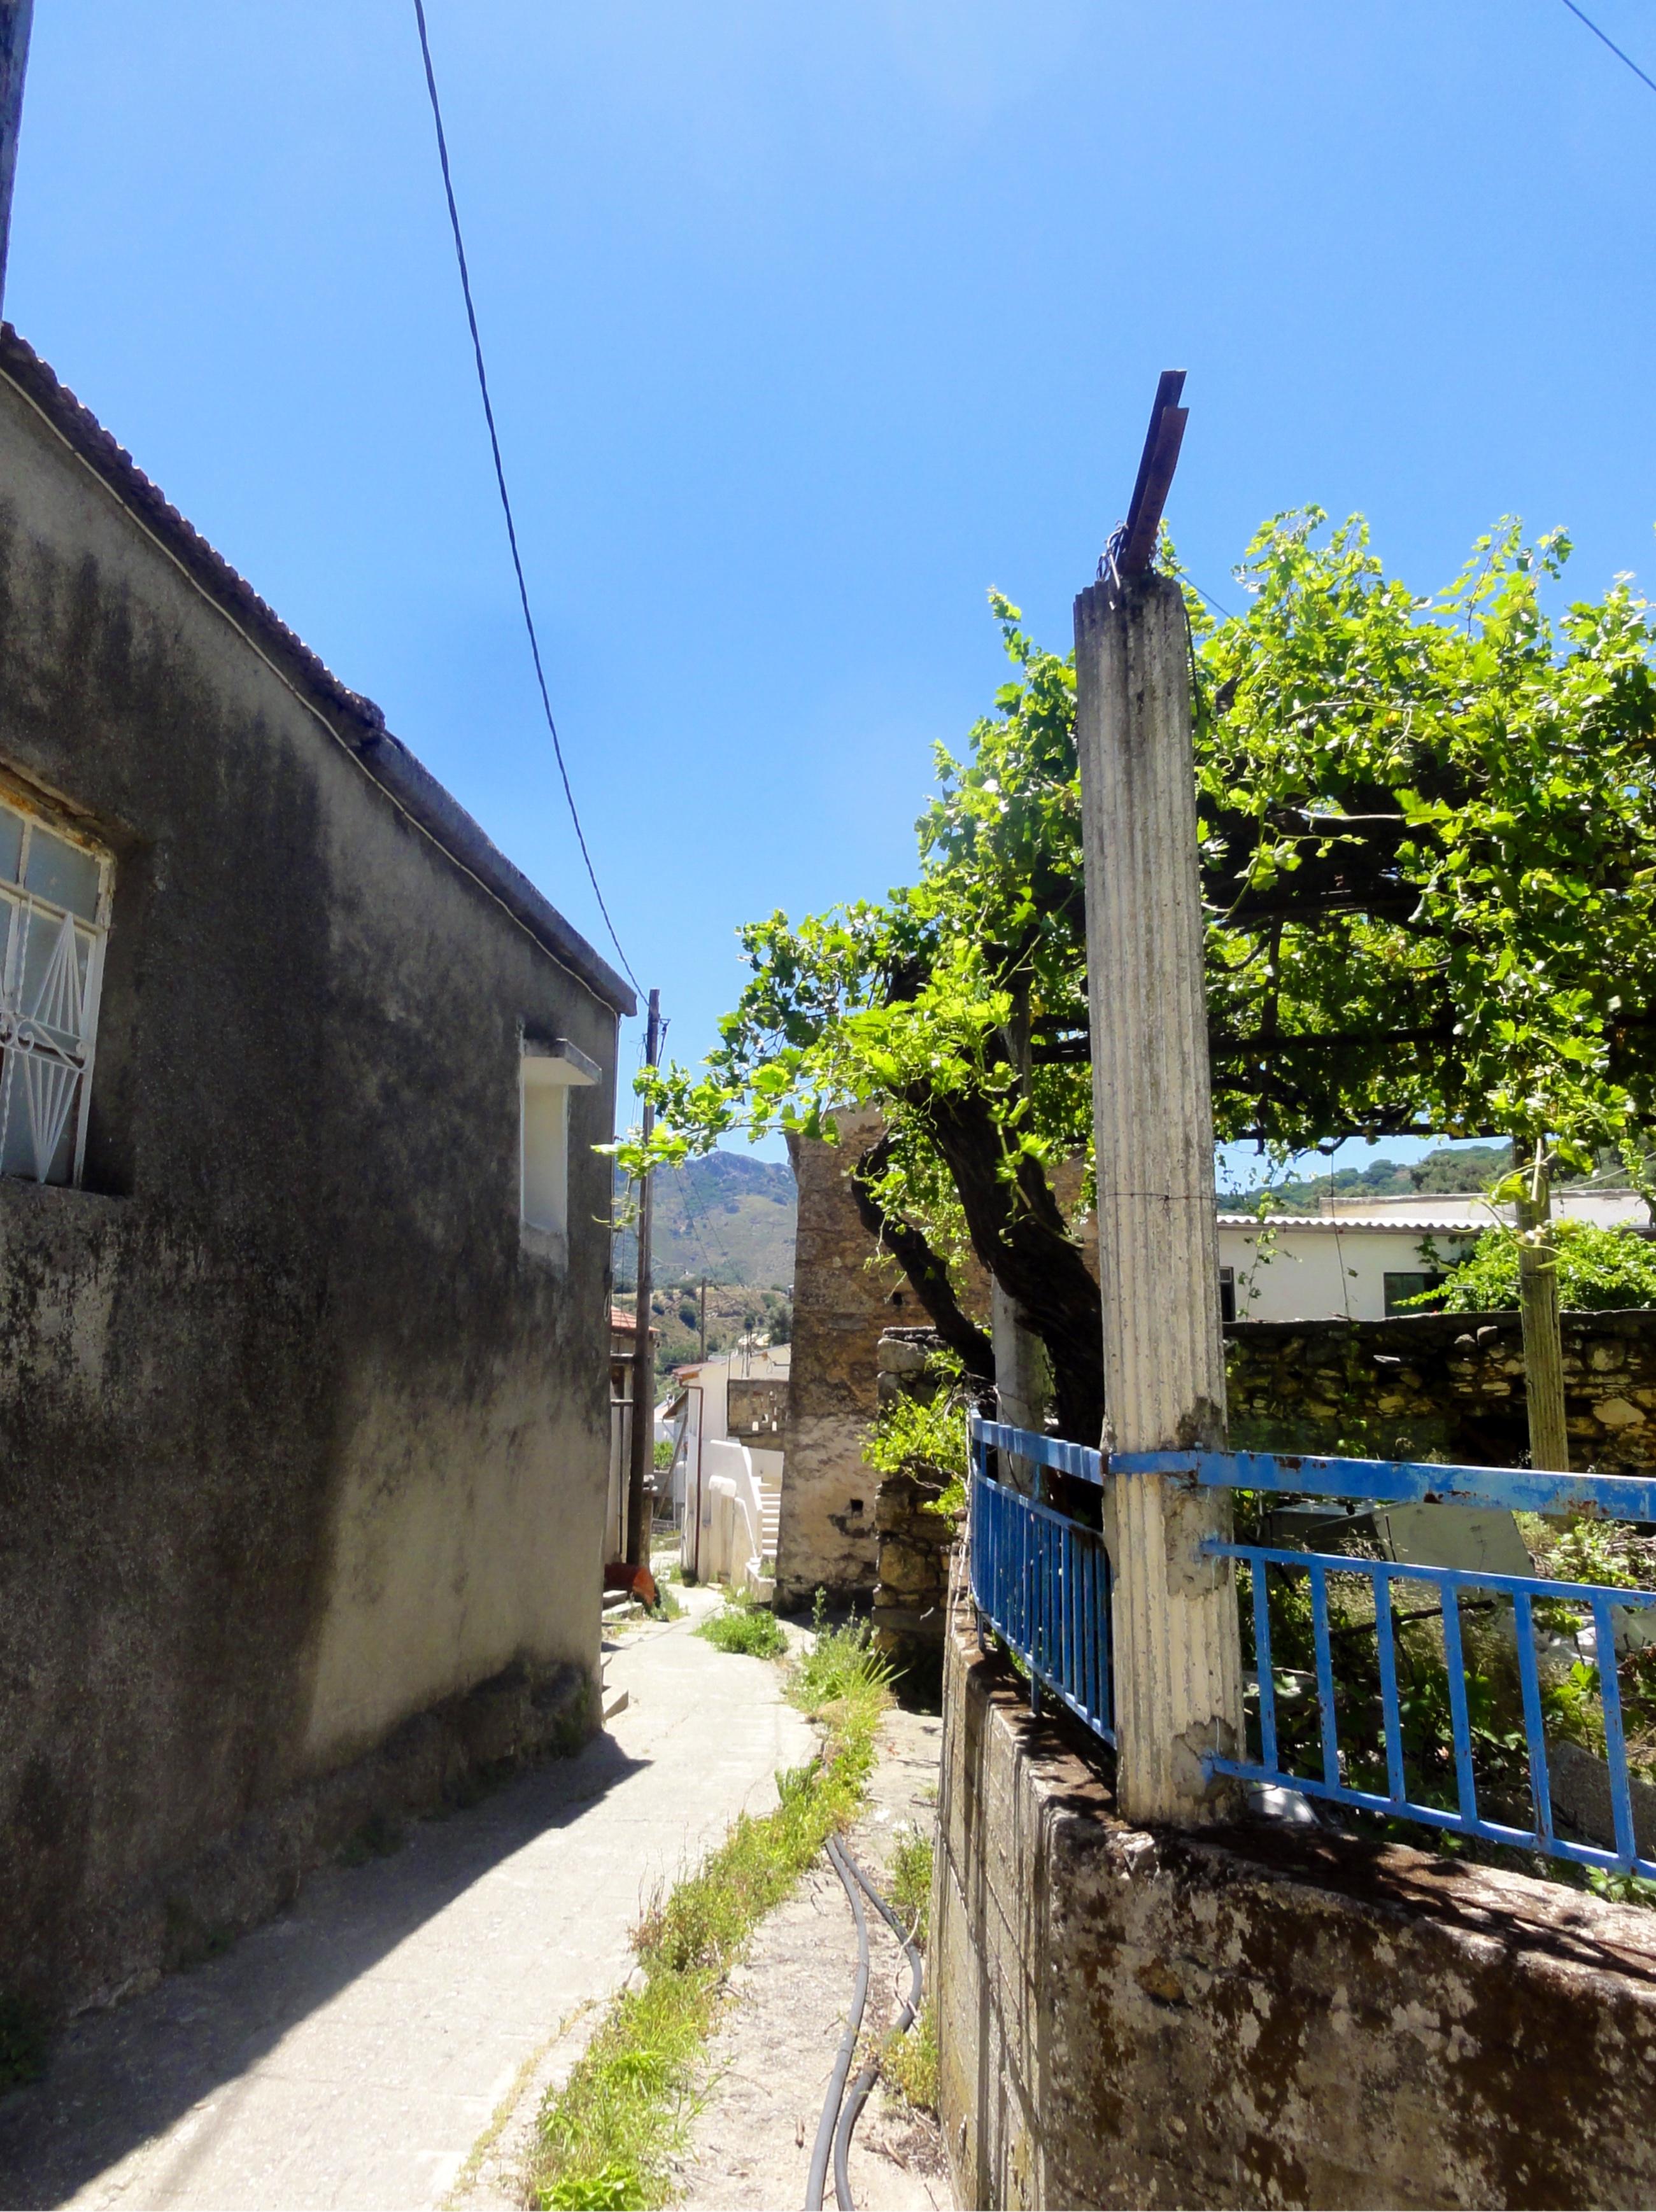 Trang grusvei med en murvegg på den ene siden og en frodig terrasse på den andre.